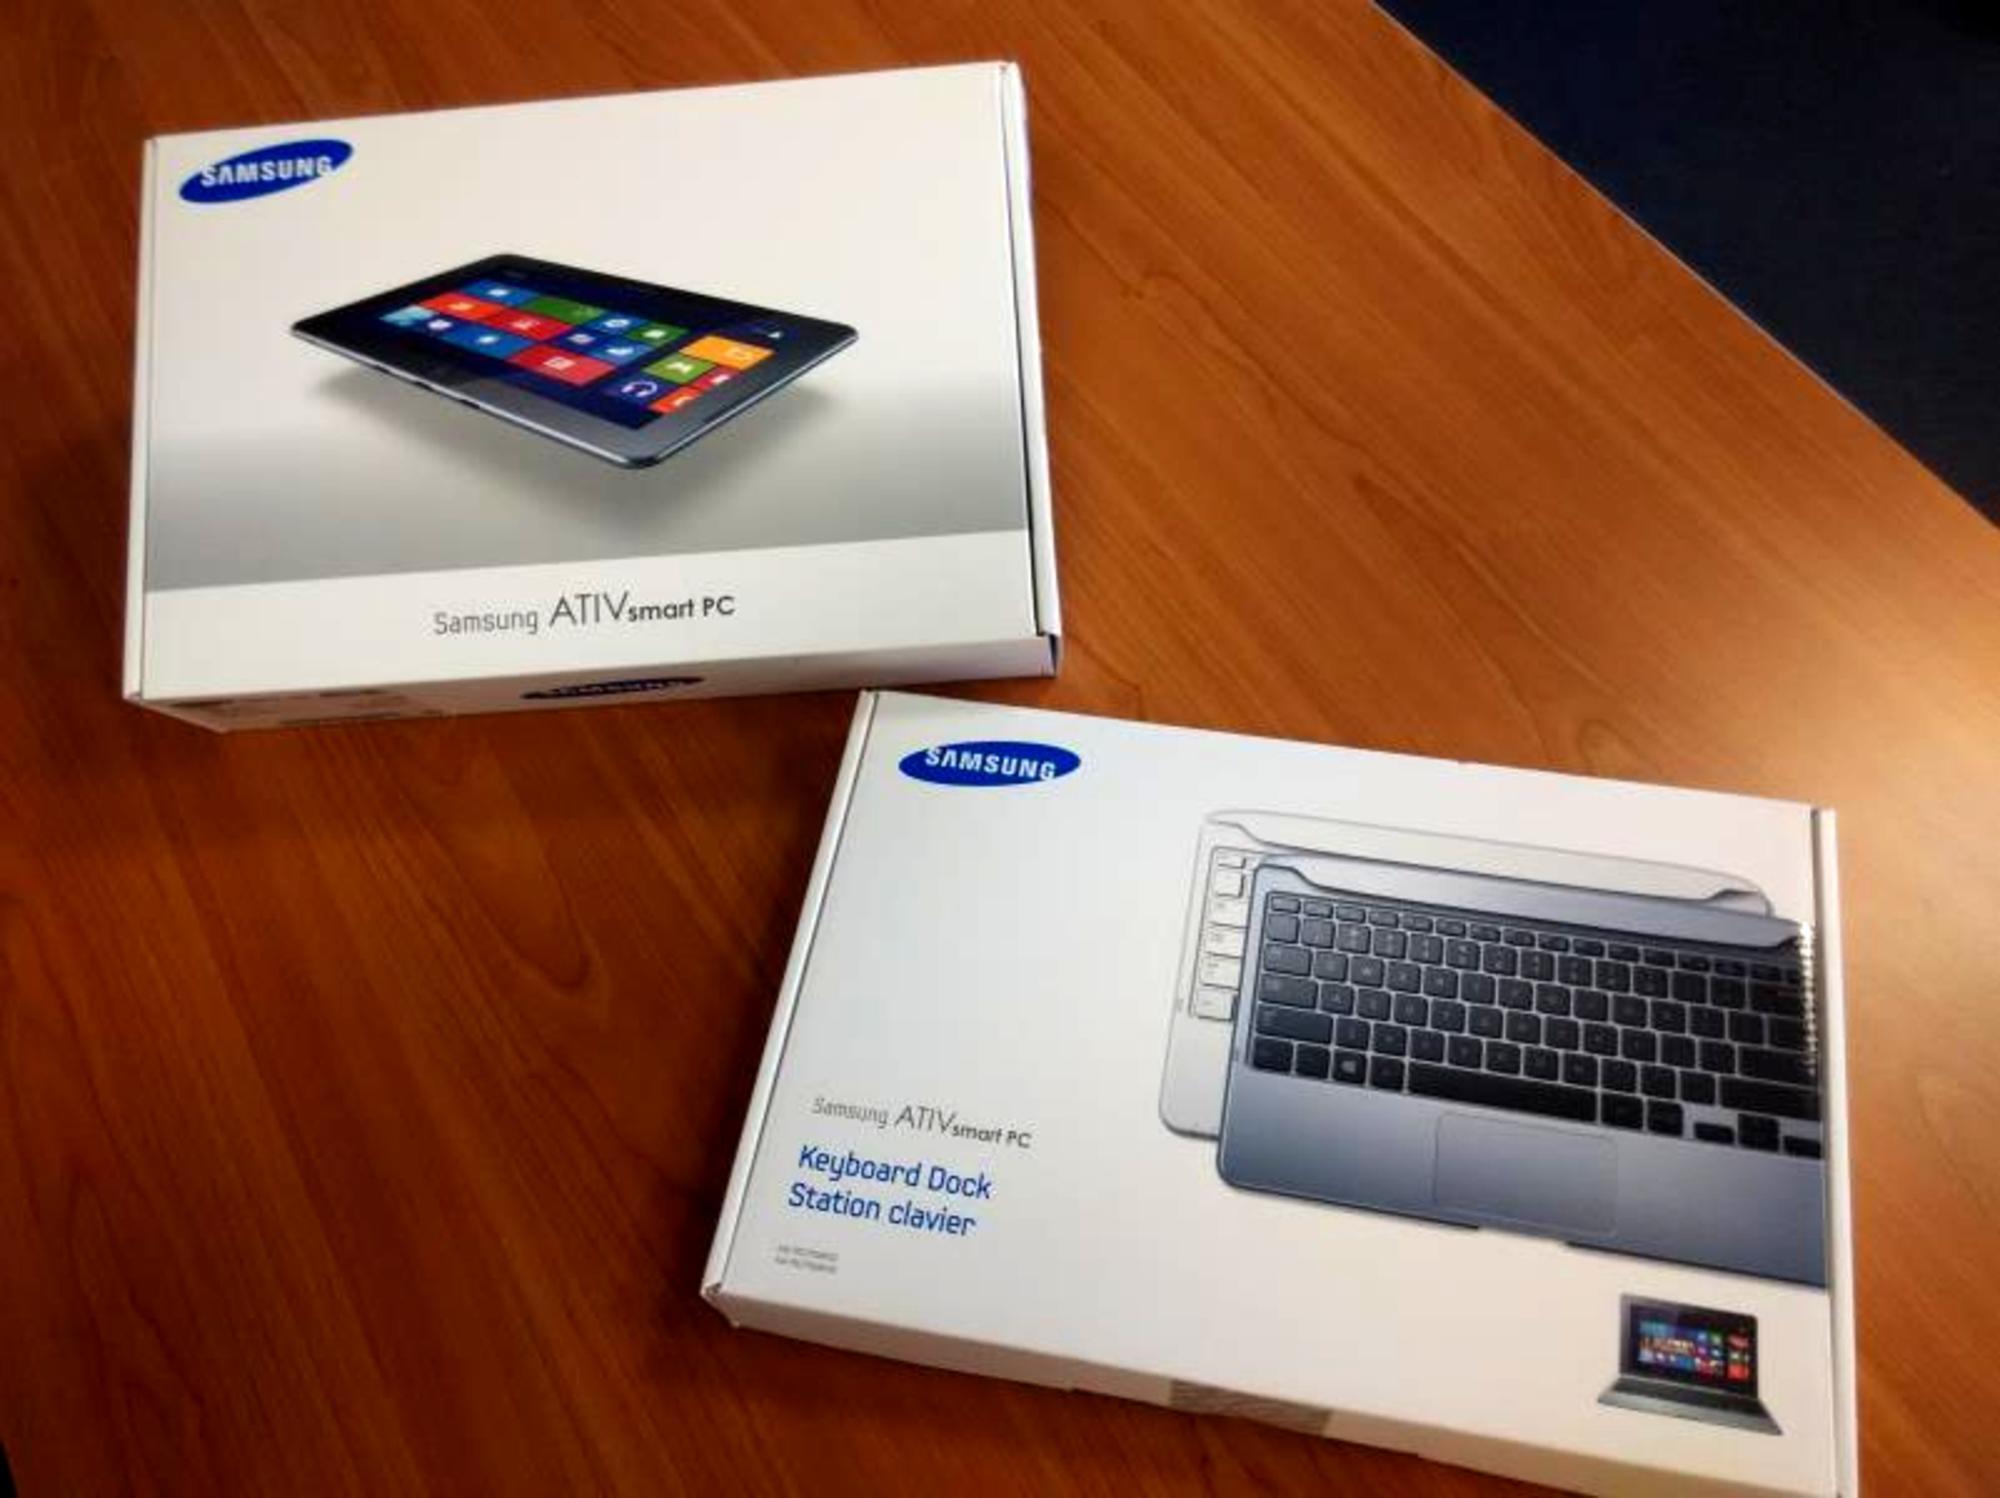 tablette samsung ativ smart 500 t1c a04 clavier. Black Bedroom Furniture Sets. Home Design Ideas